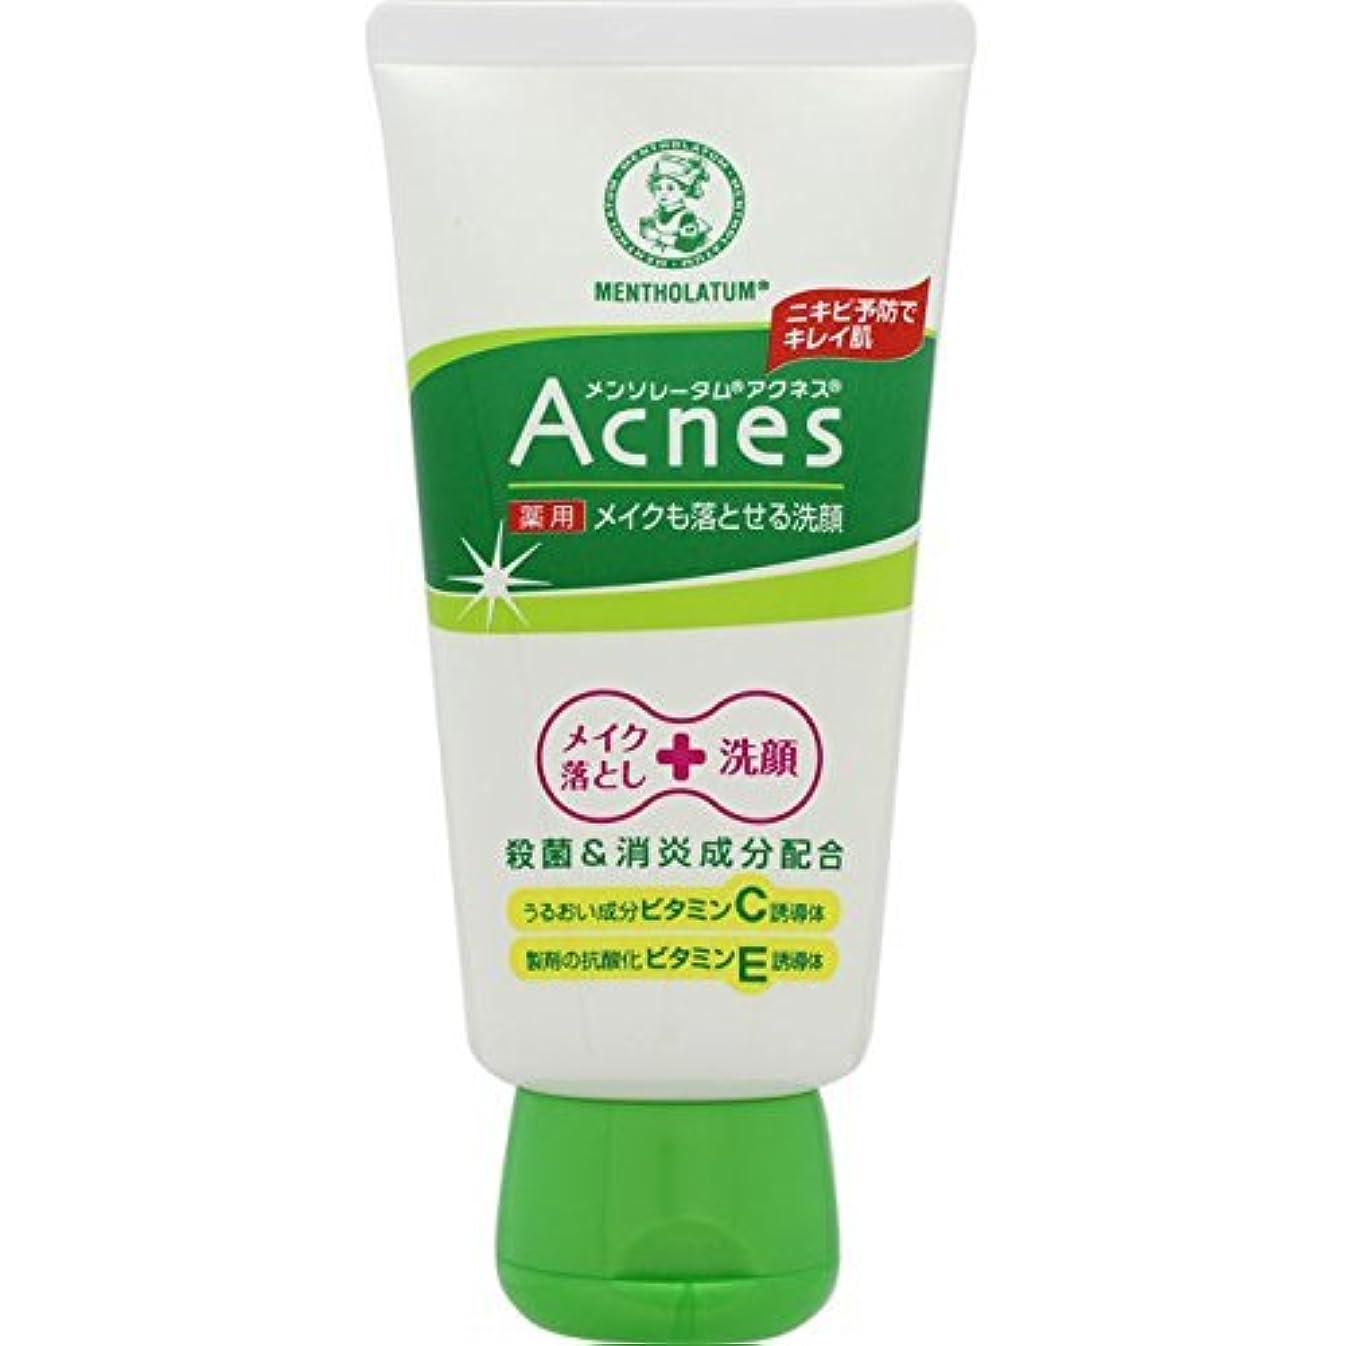 脅威推測従事したAcnes(アクネス) 薬用メイクも落とせる洗顔 130g【医薬部外品】